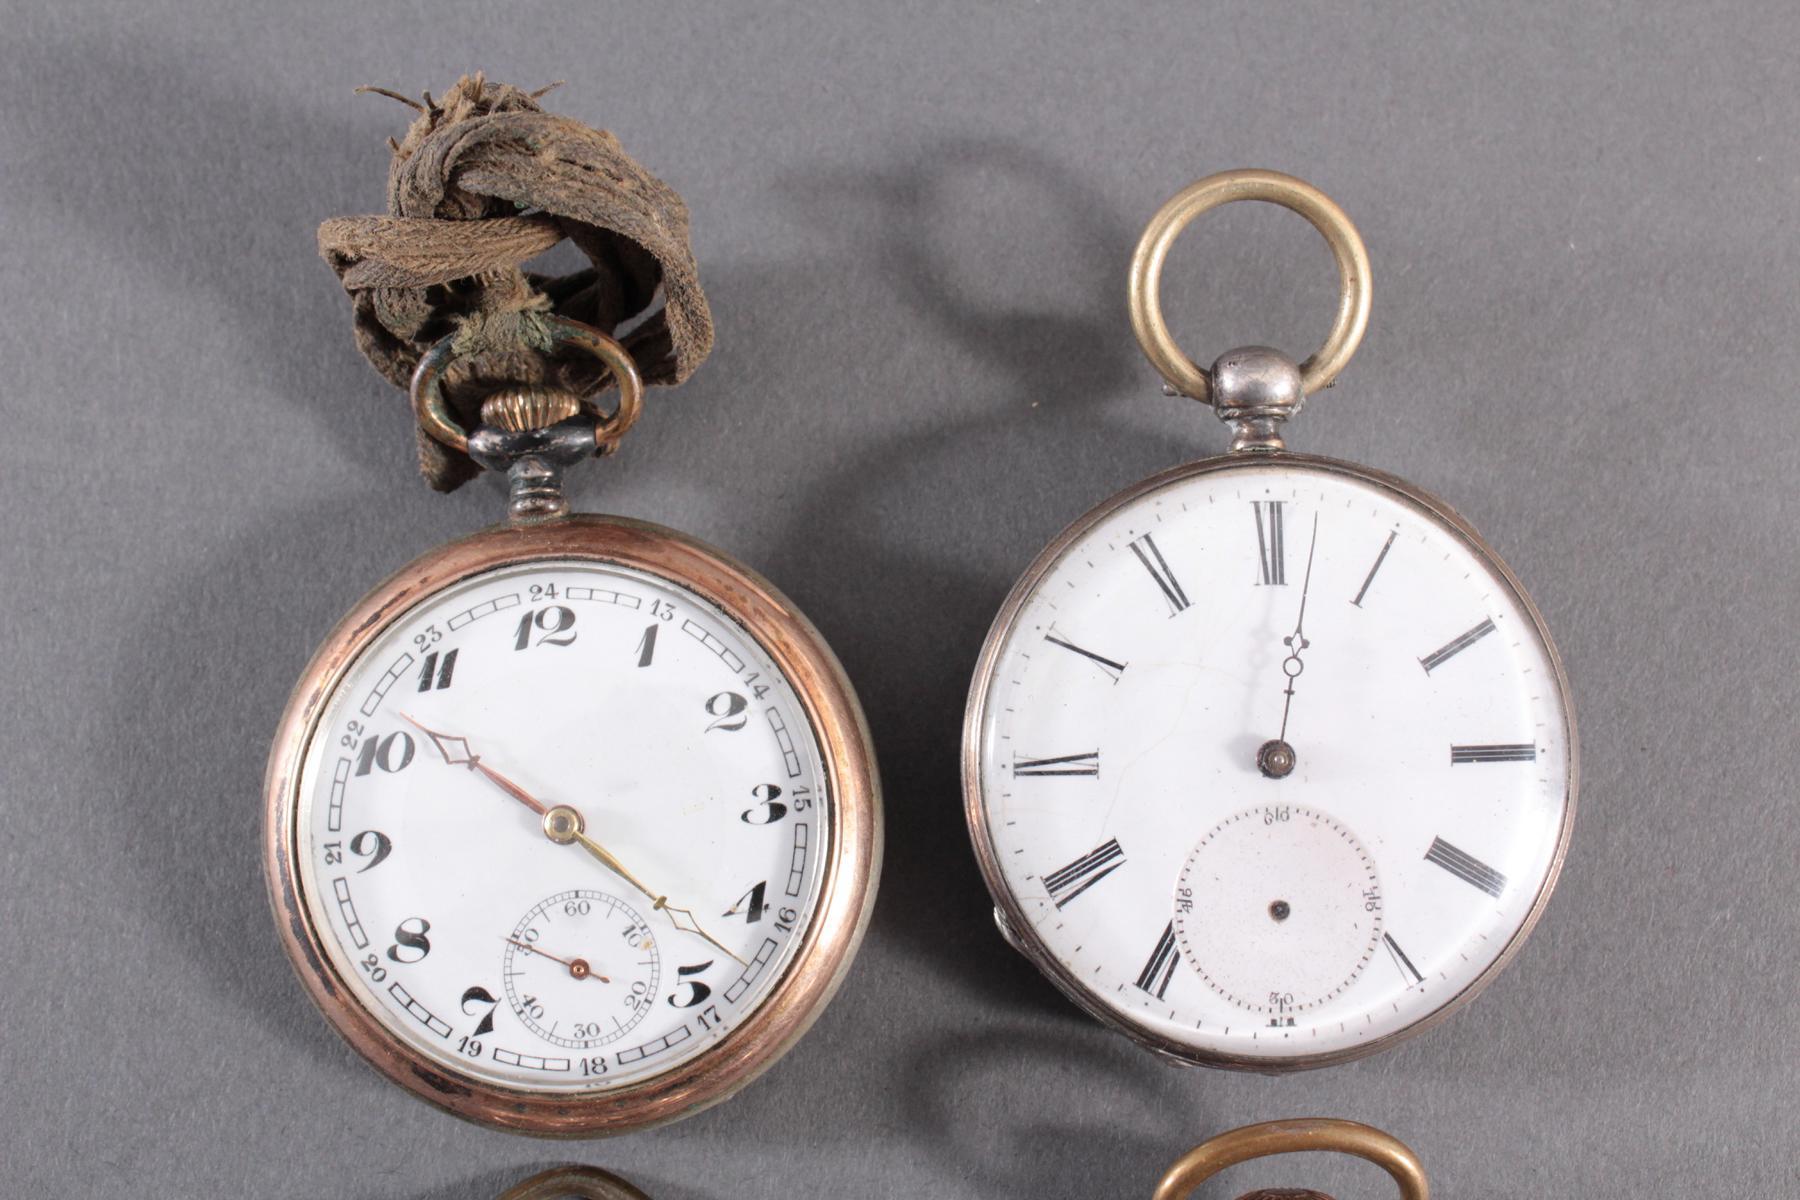 4 Taschenuhren davon 1 aus Silber-2